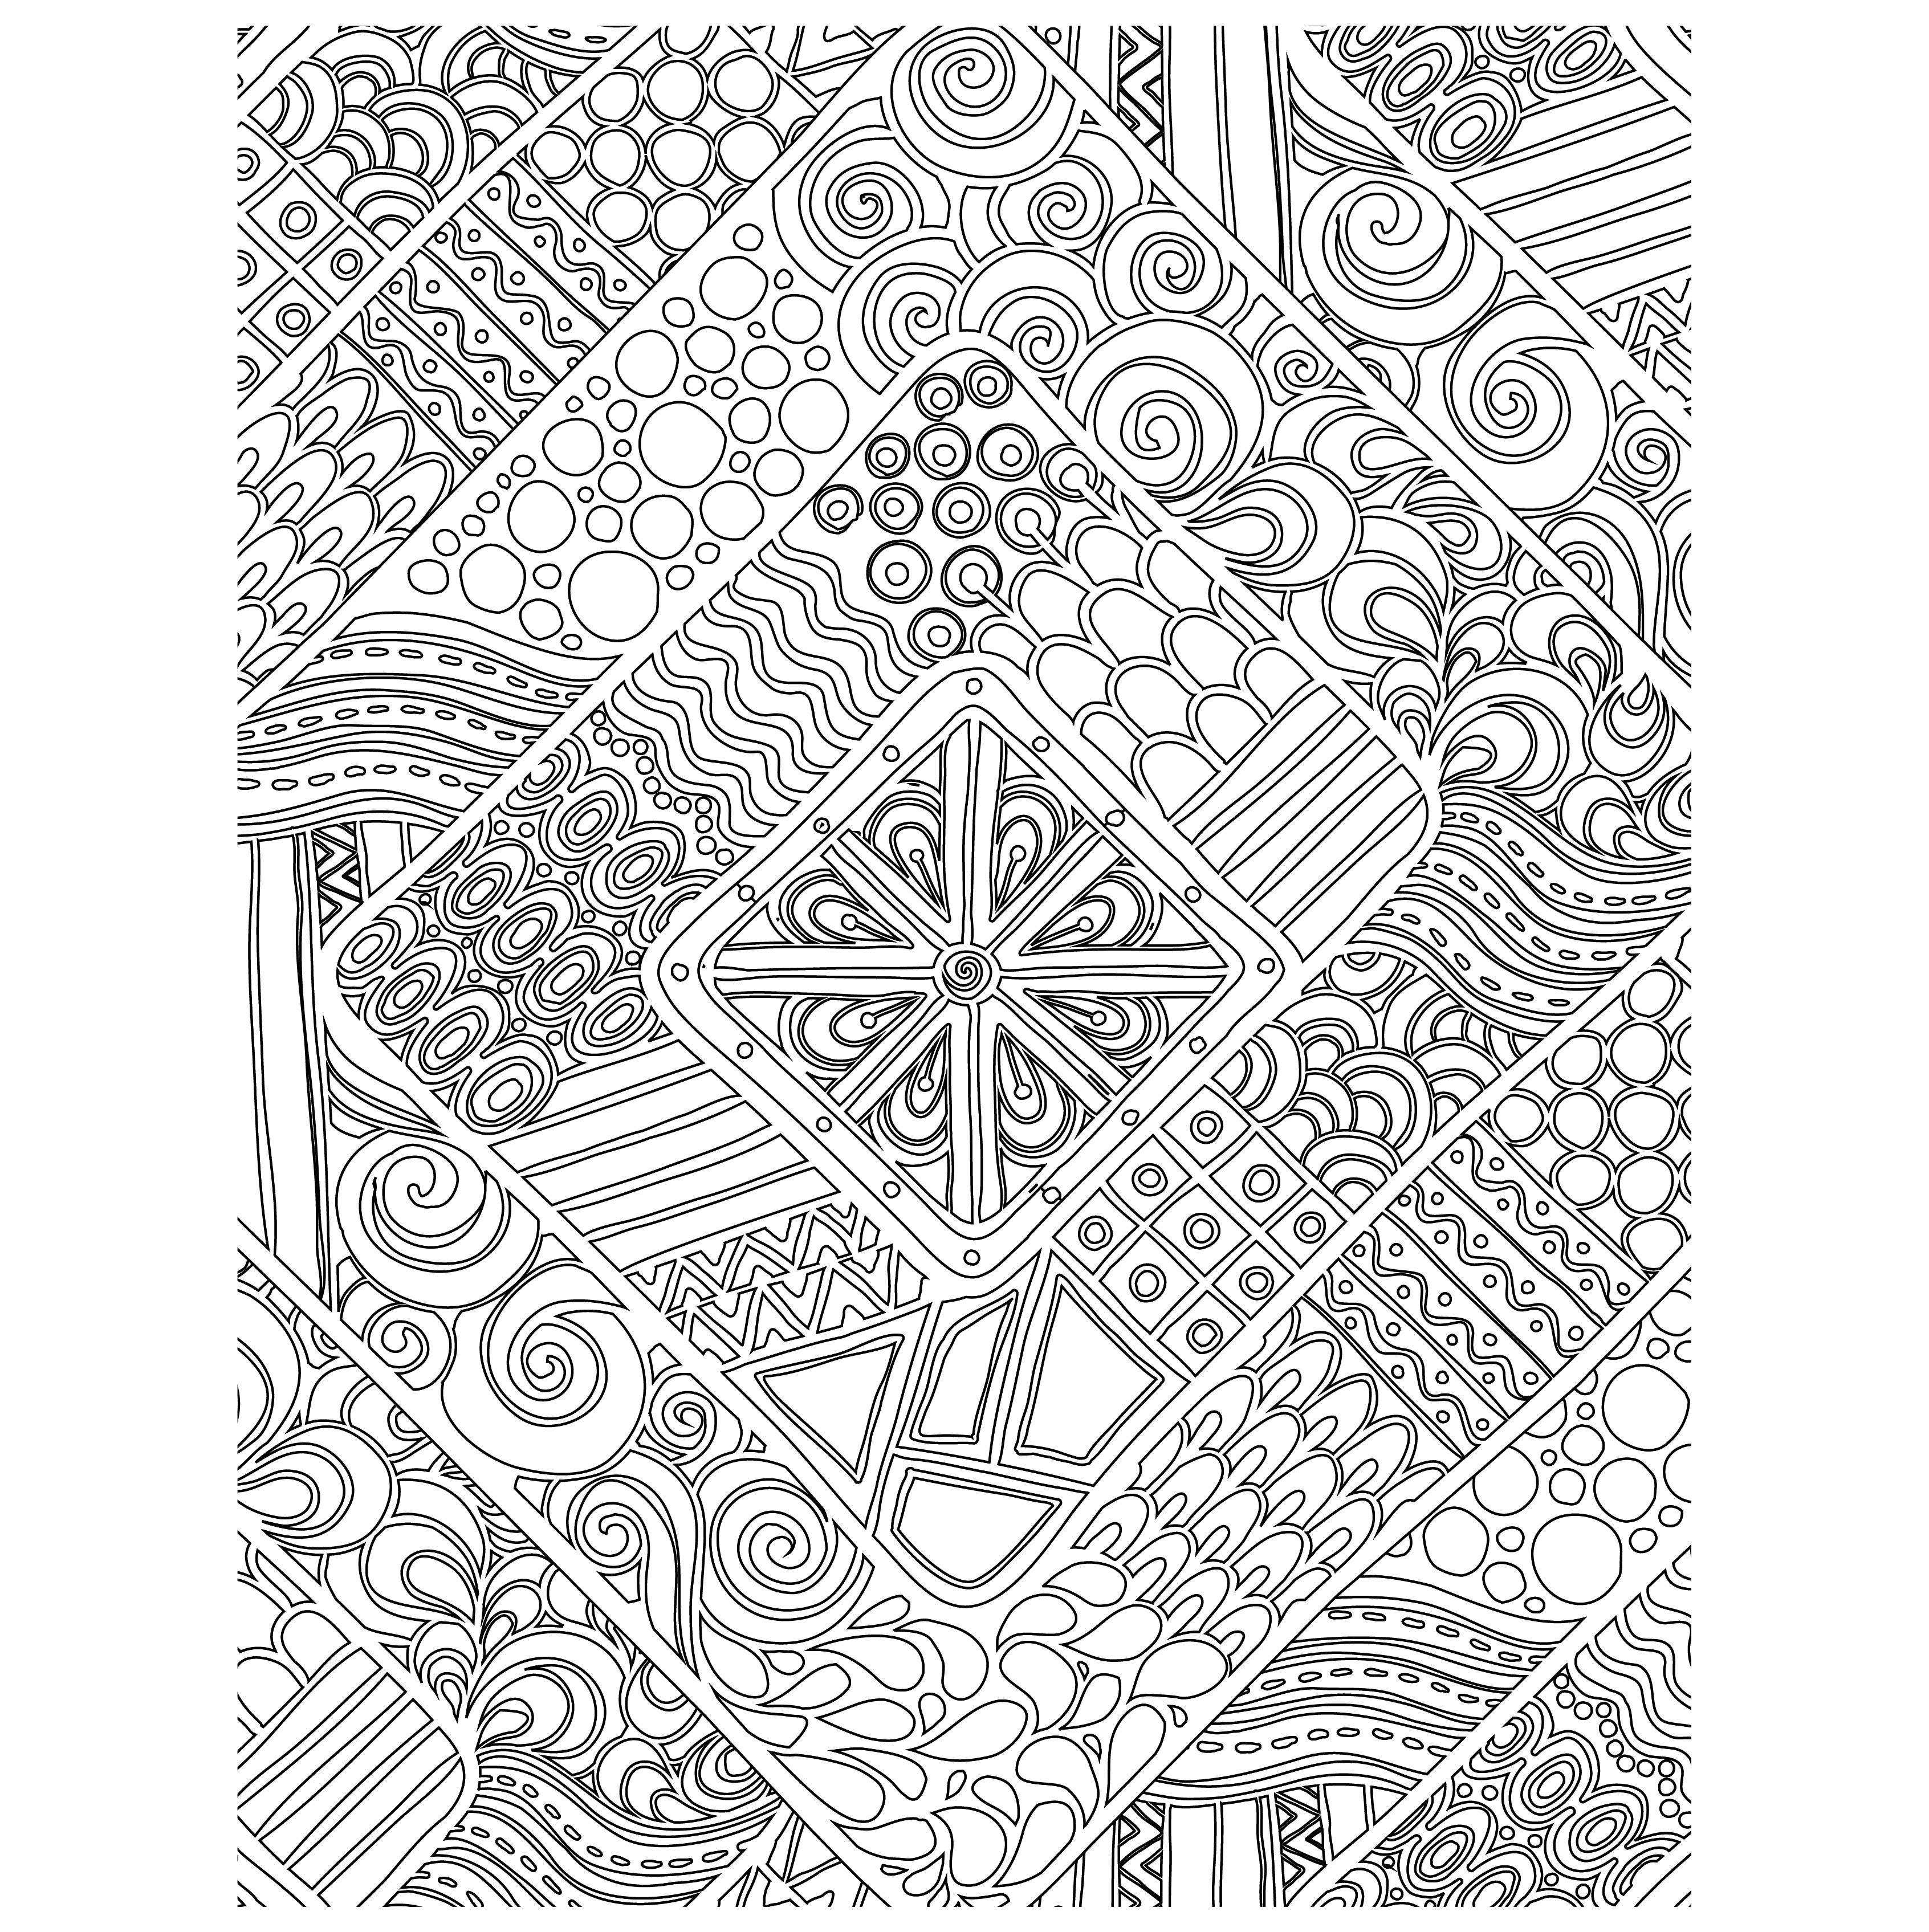 Coloriage gratuit doodle g om trique - Coloriage des formes ...